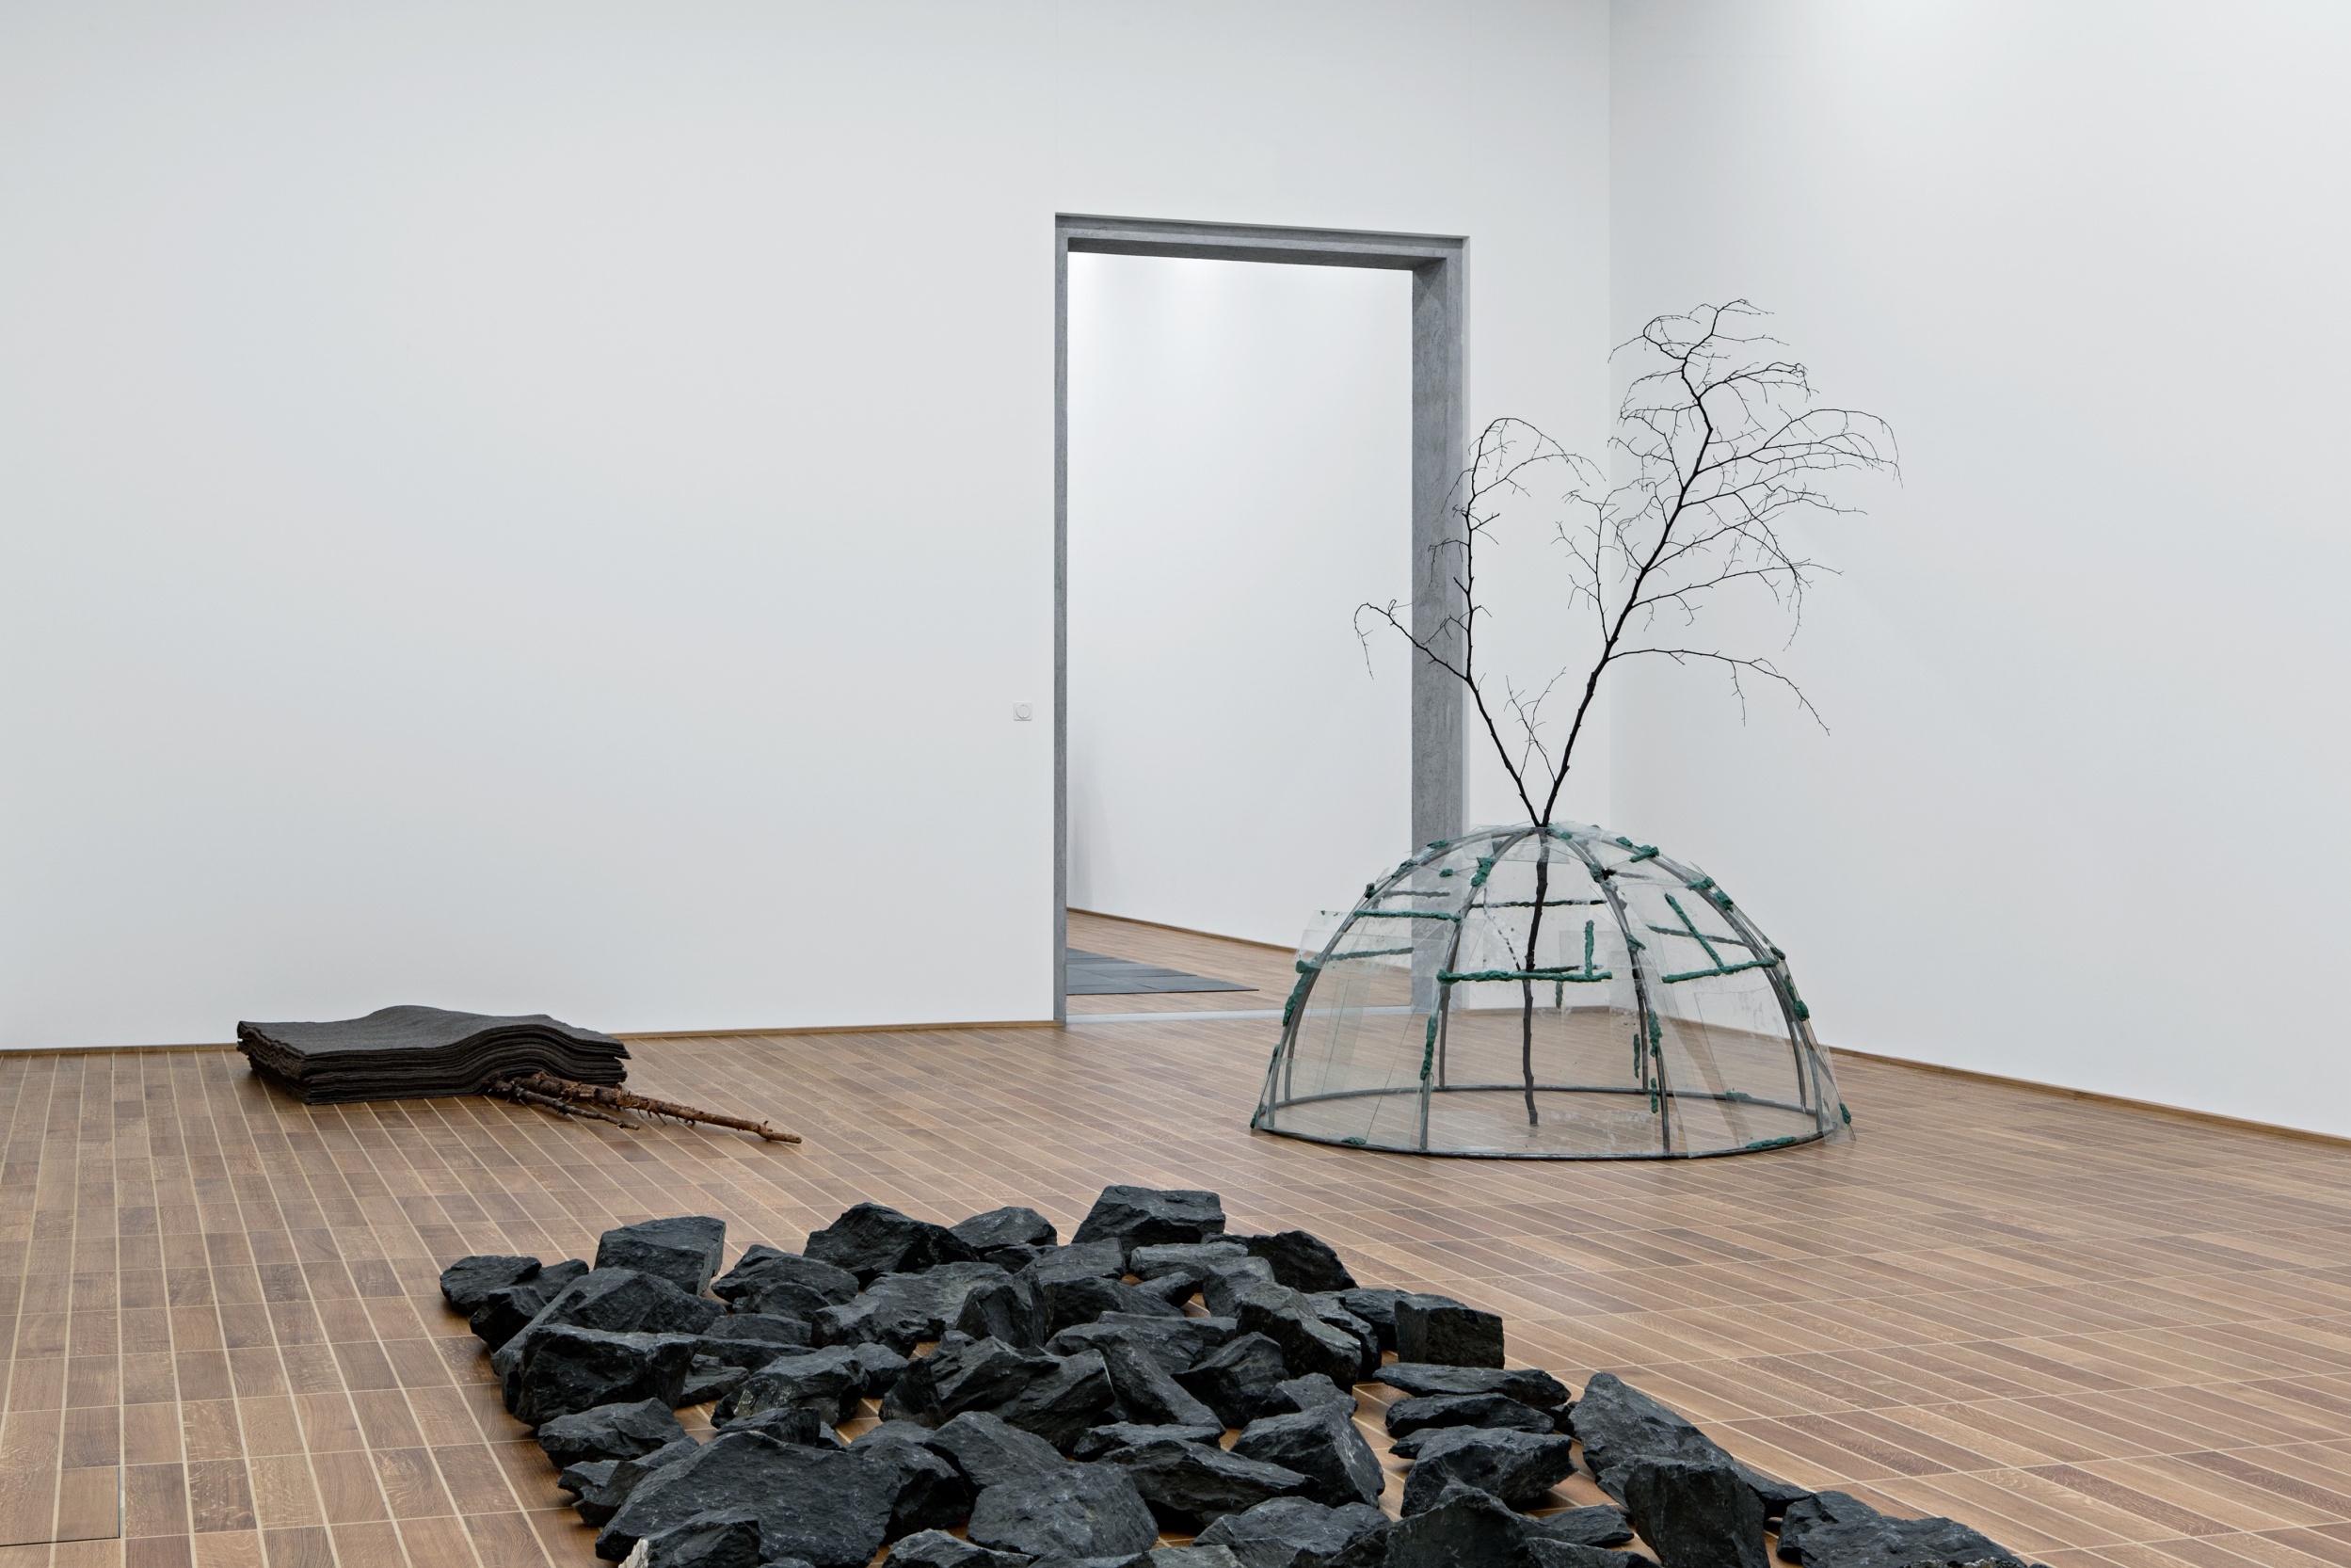 Der erweiterte Kunstbegriff mit Beuys' «Schneefall», Richard Longs «Stone Line» und einem Glas-Iglu von Mario Merz («Aqua scivola»).